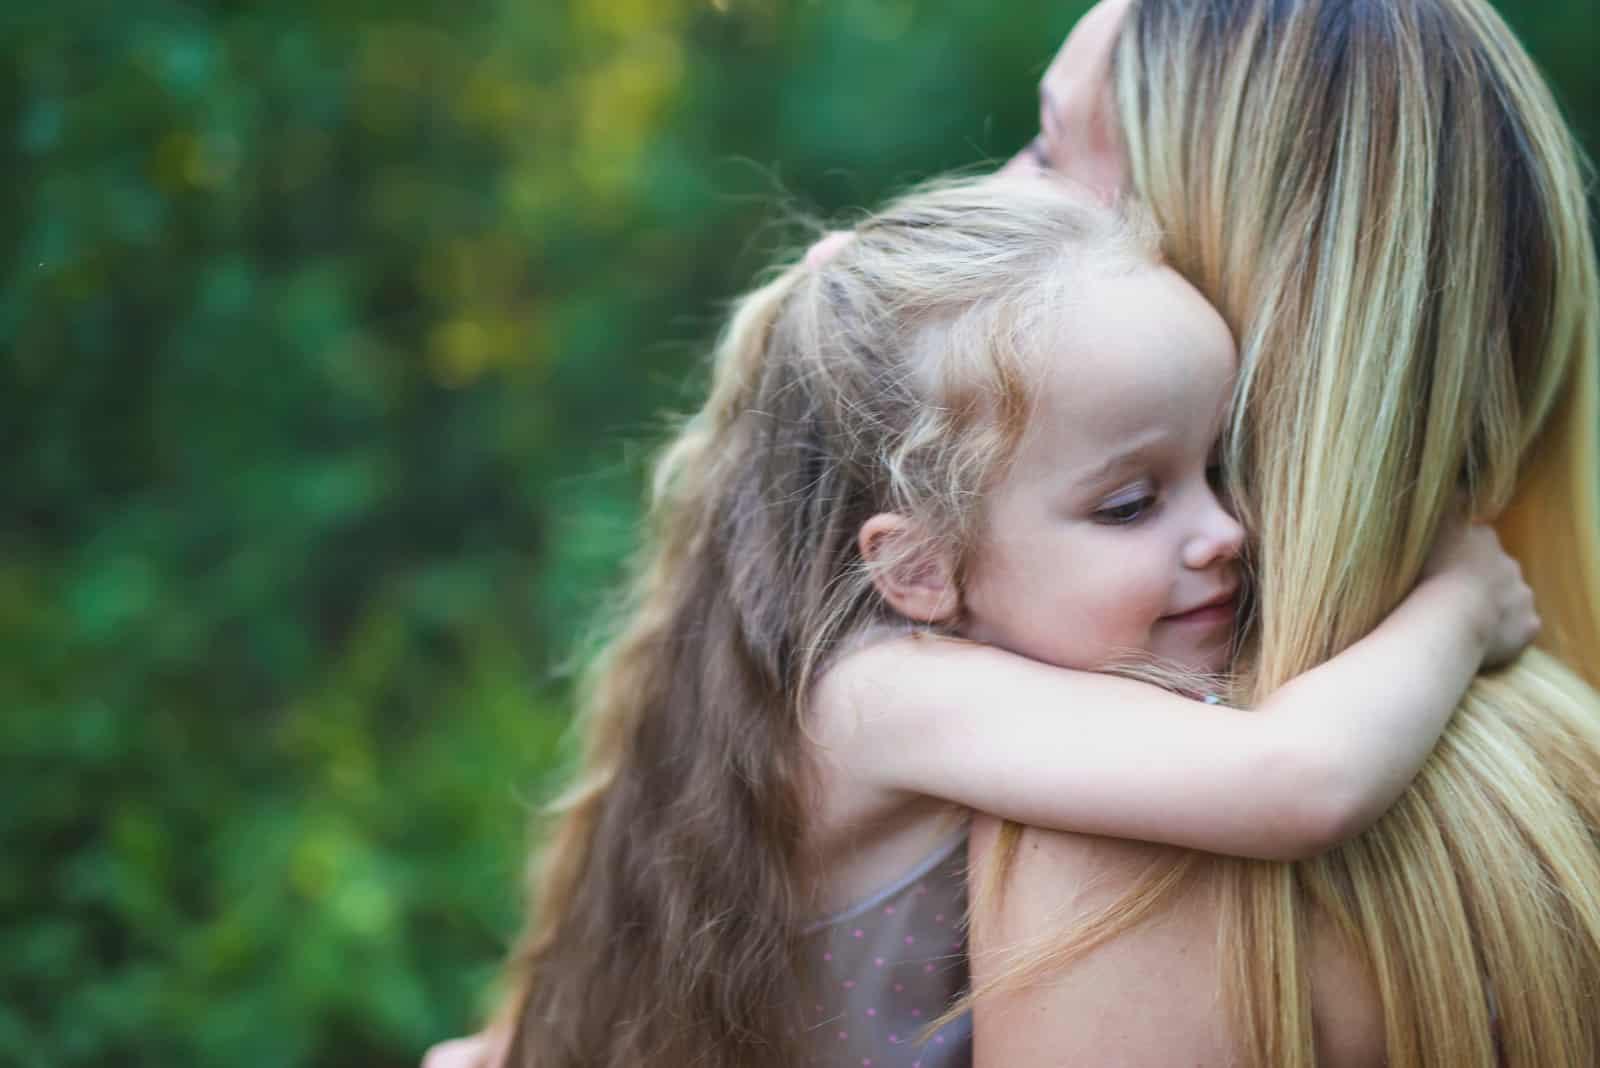 la fille a embrassé la mère